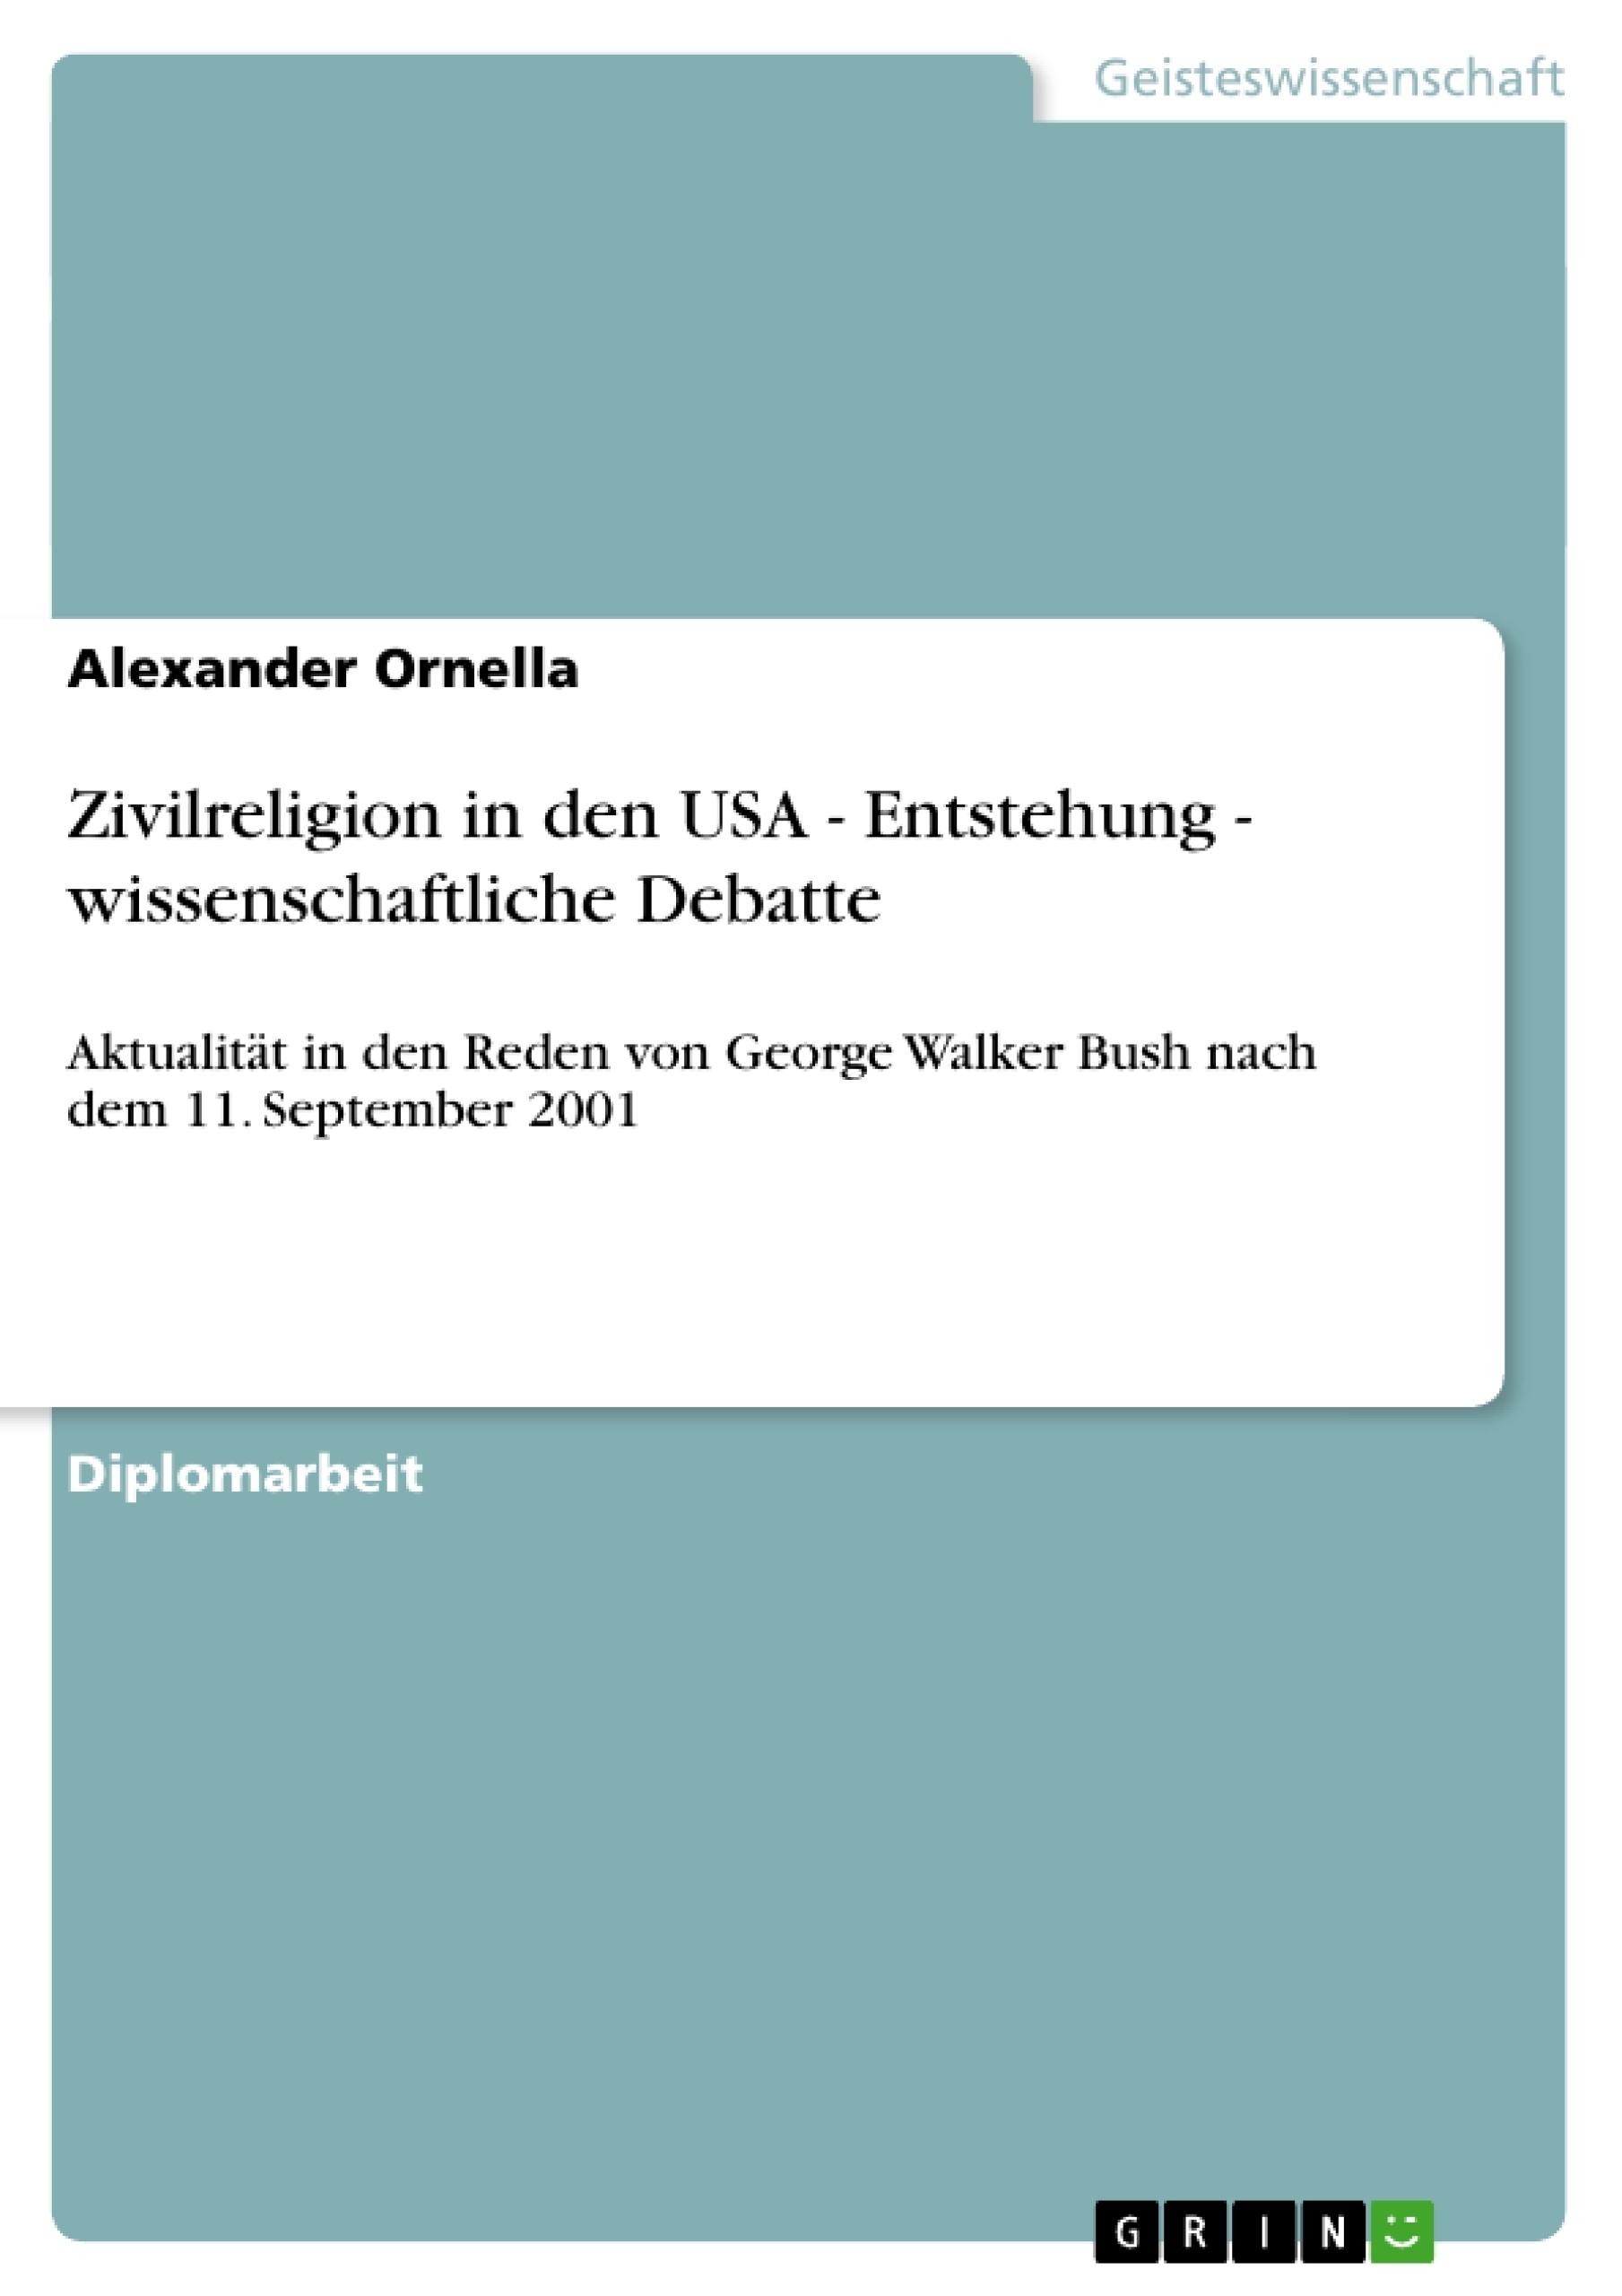 Titel: Zivilreligion in den USA - Entstehung - wissenschaftliche Debatte